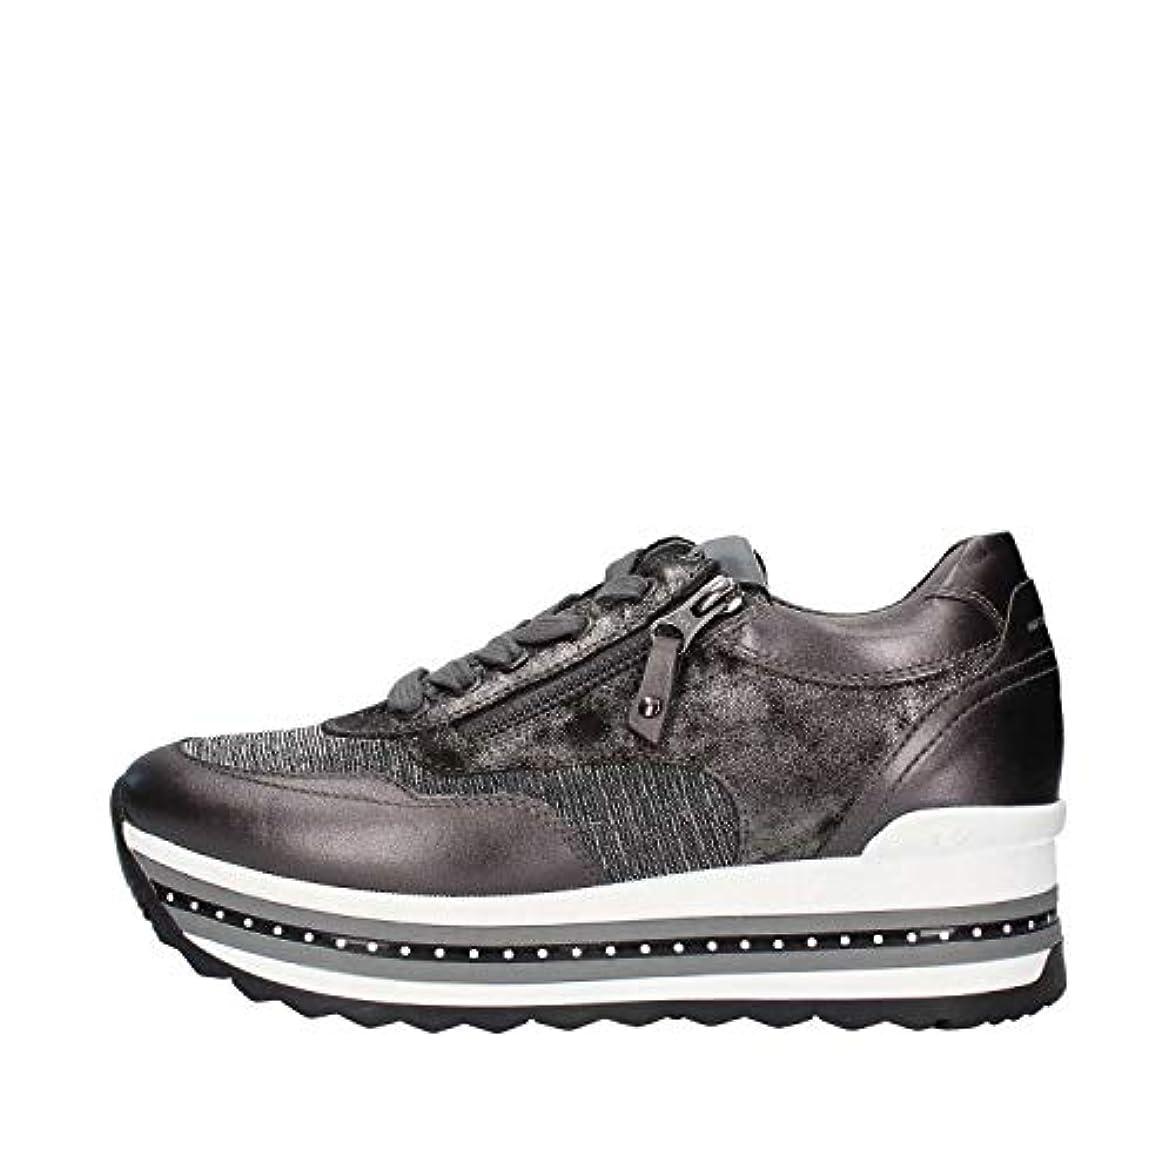 Nero Giardini A806600d Sneakers Donna